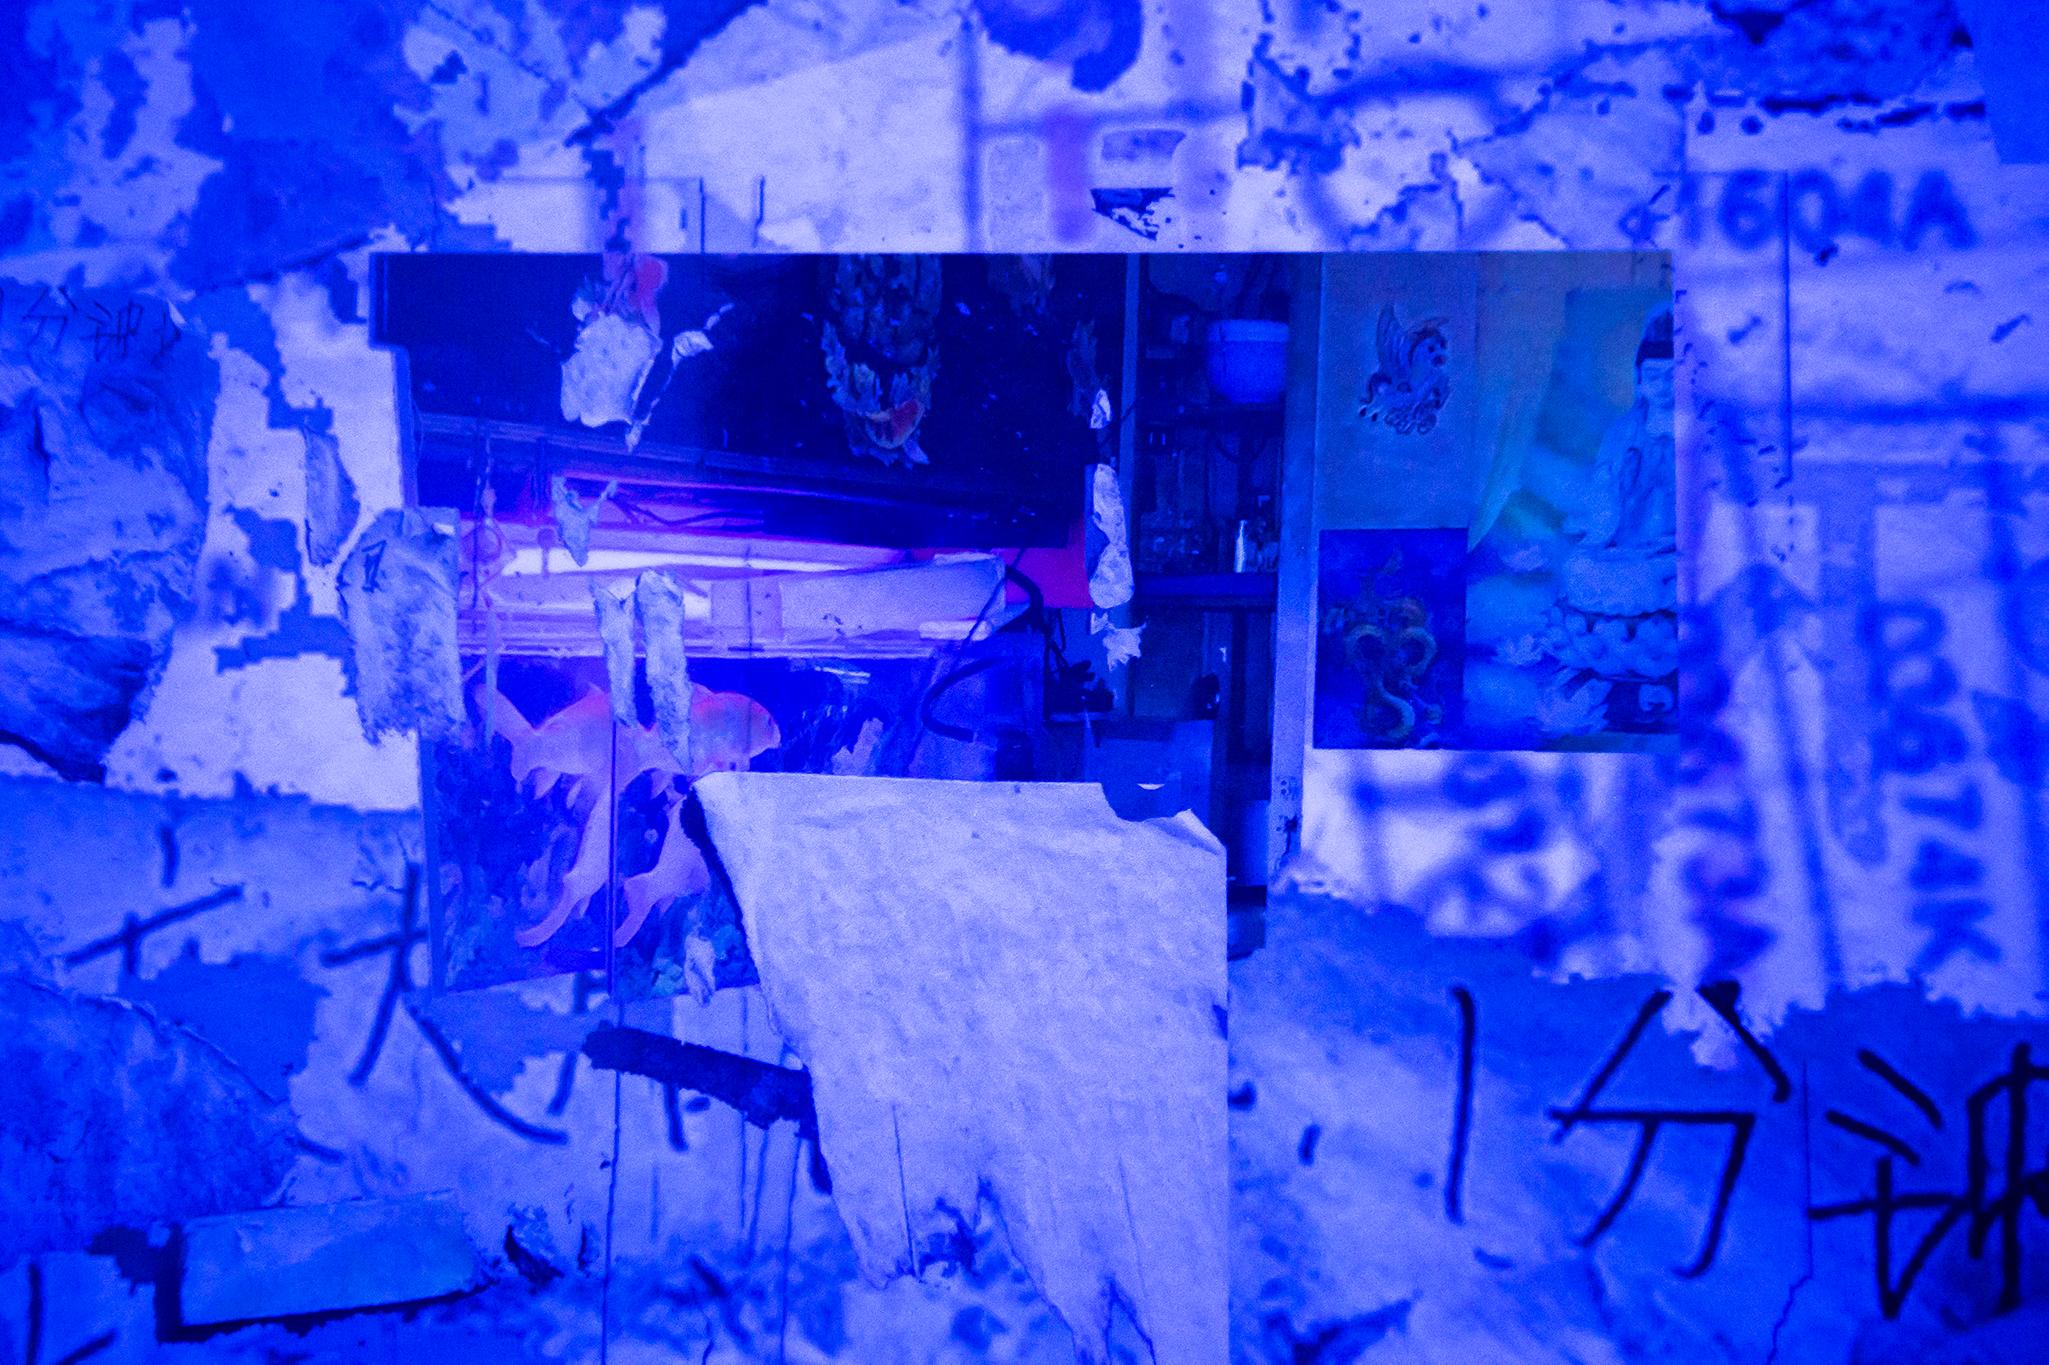 KYT_8943_Web.jpg